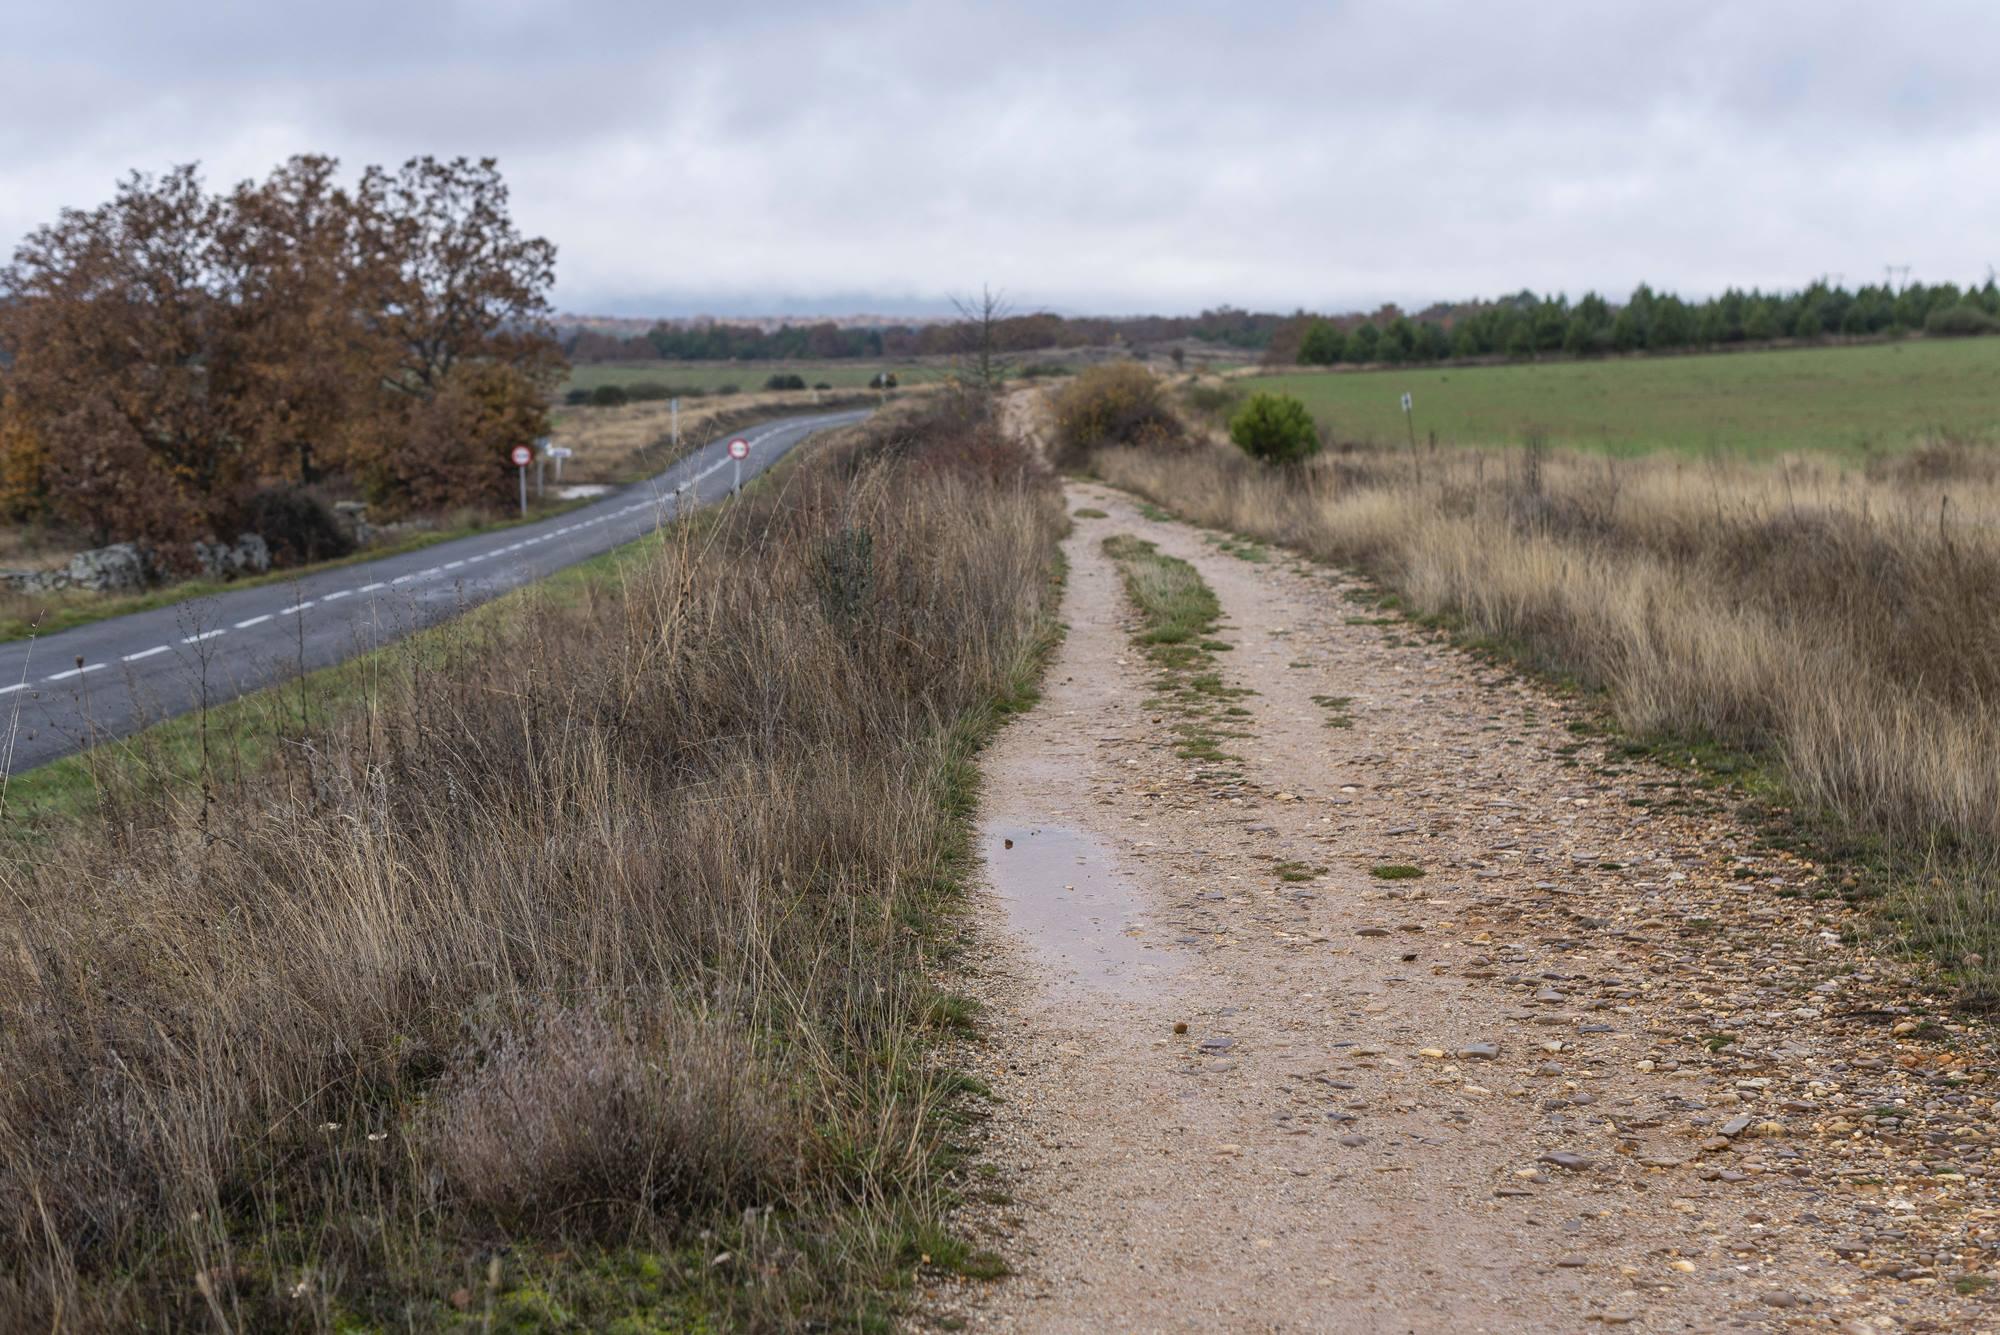 Los caminos de coches y peregrinos transcurren paralelos muchos tramos.